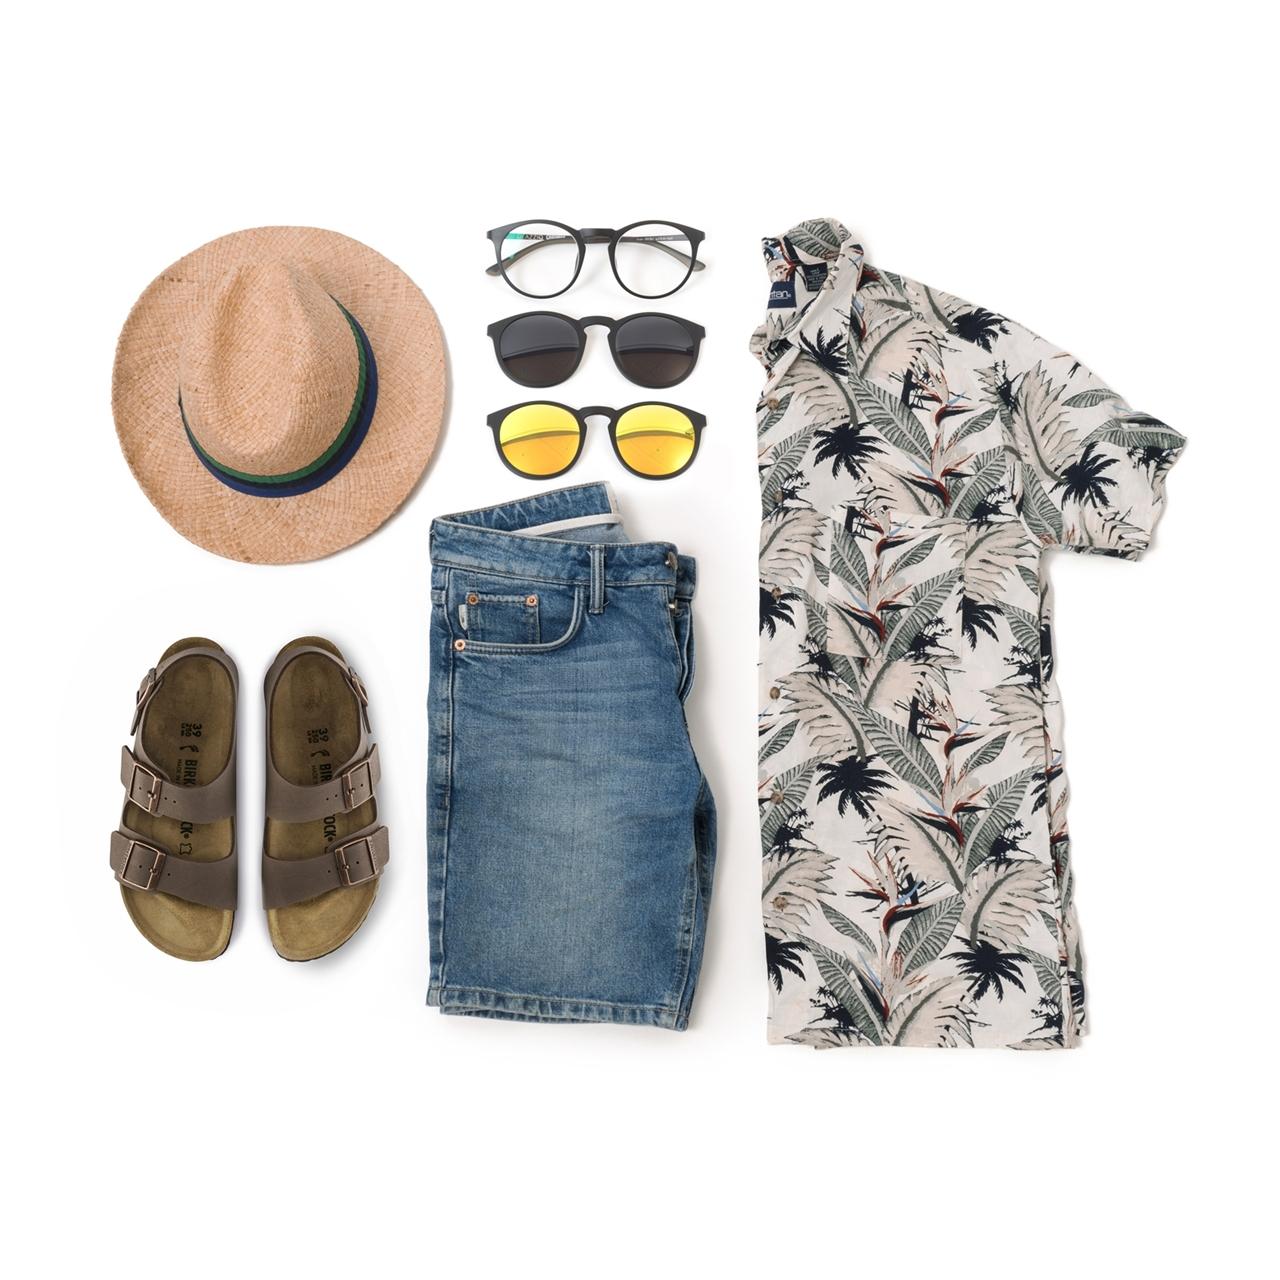 4. Summer Style